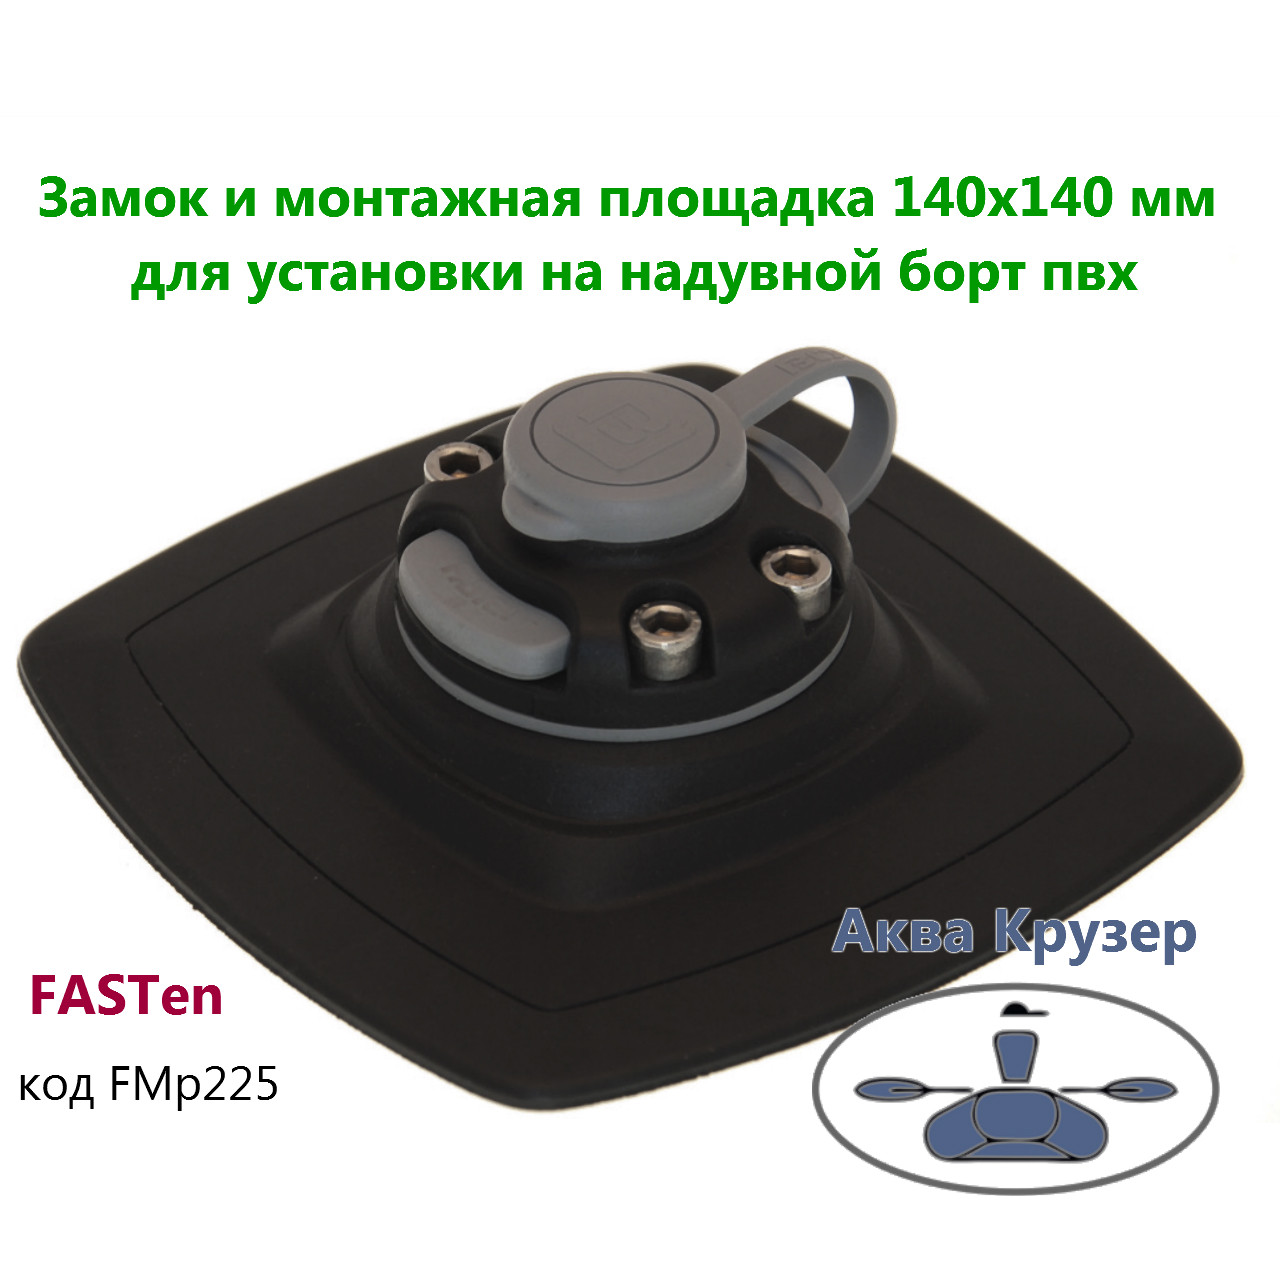 borika fasten - Большая площадка для лодки пвх (цвет черный) - FMp225